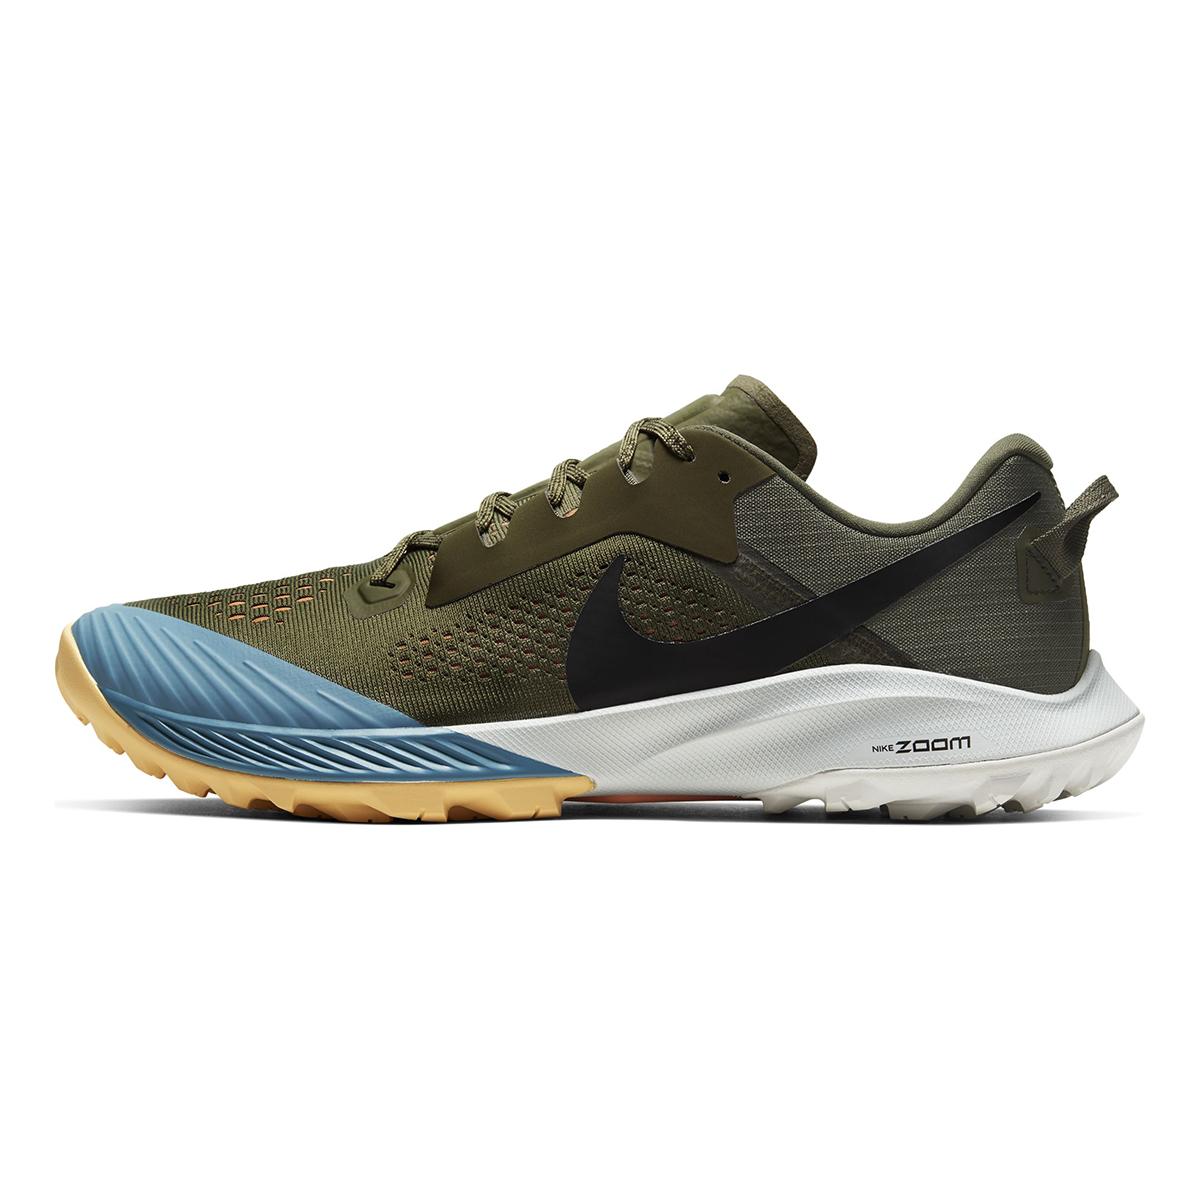 Men's Nike Air Zoom Terra Kiger 6 Trail Running Shoe - Color: Medium Olive/Orange Trance/Cerulean/Black (Regular Width) - Size: 6, Medium Olive/Orange Trance/Cerulean/Black, large, image 2